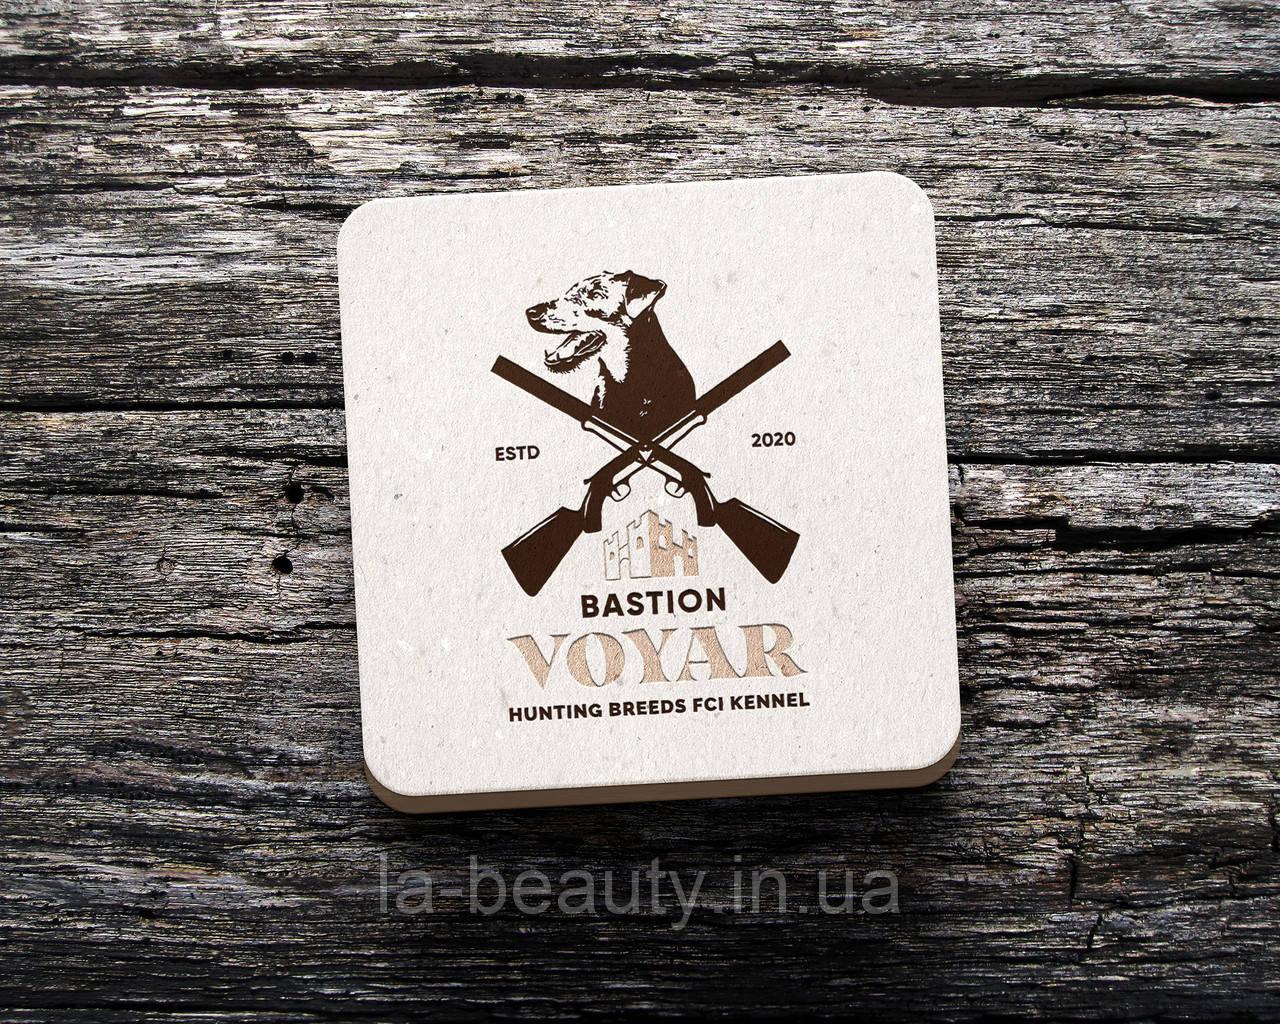 Нейминг (разработка / создание названия) питомника охотничьих собак Bastion Voyar